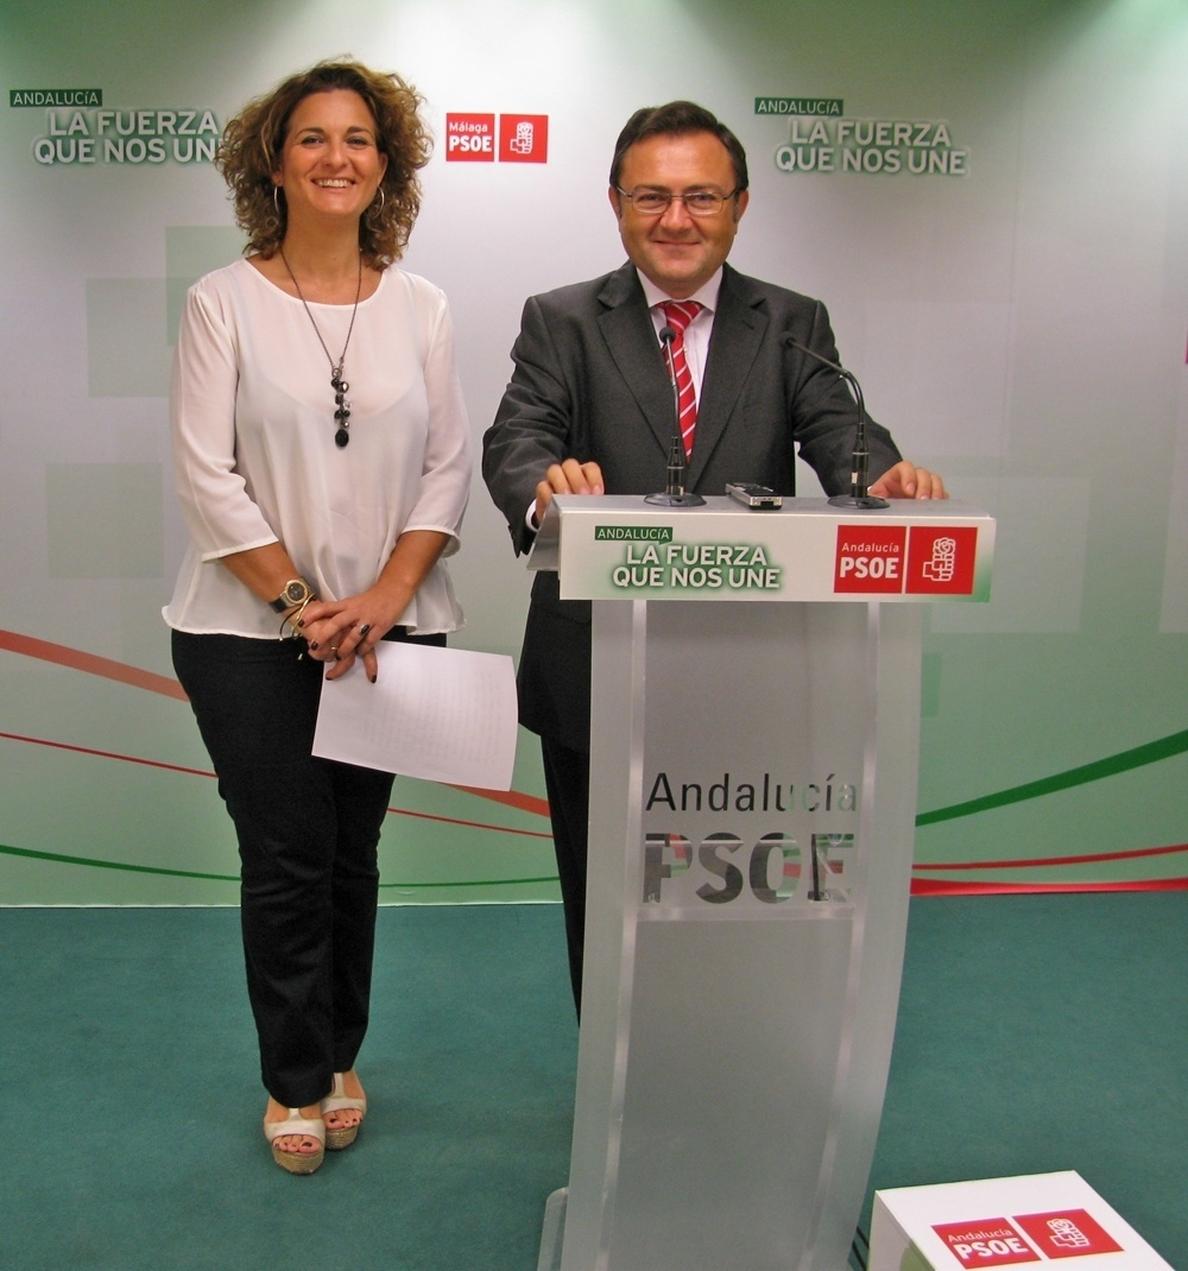 El PSOE critica al PP por «el retroceso educativo» y por «jugar con los derechos de las mujeres como moneda de cambio»